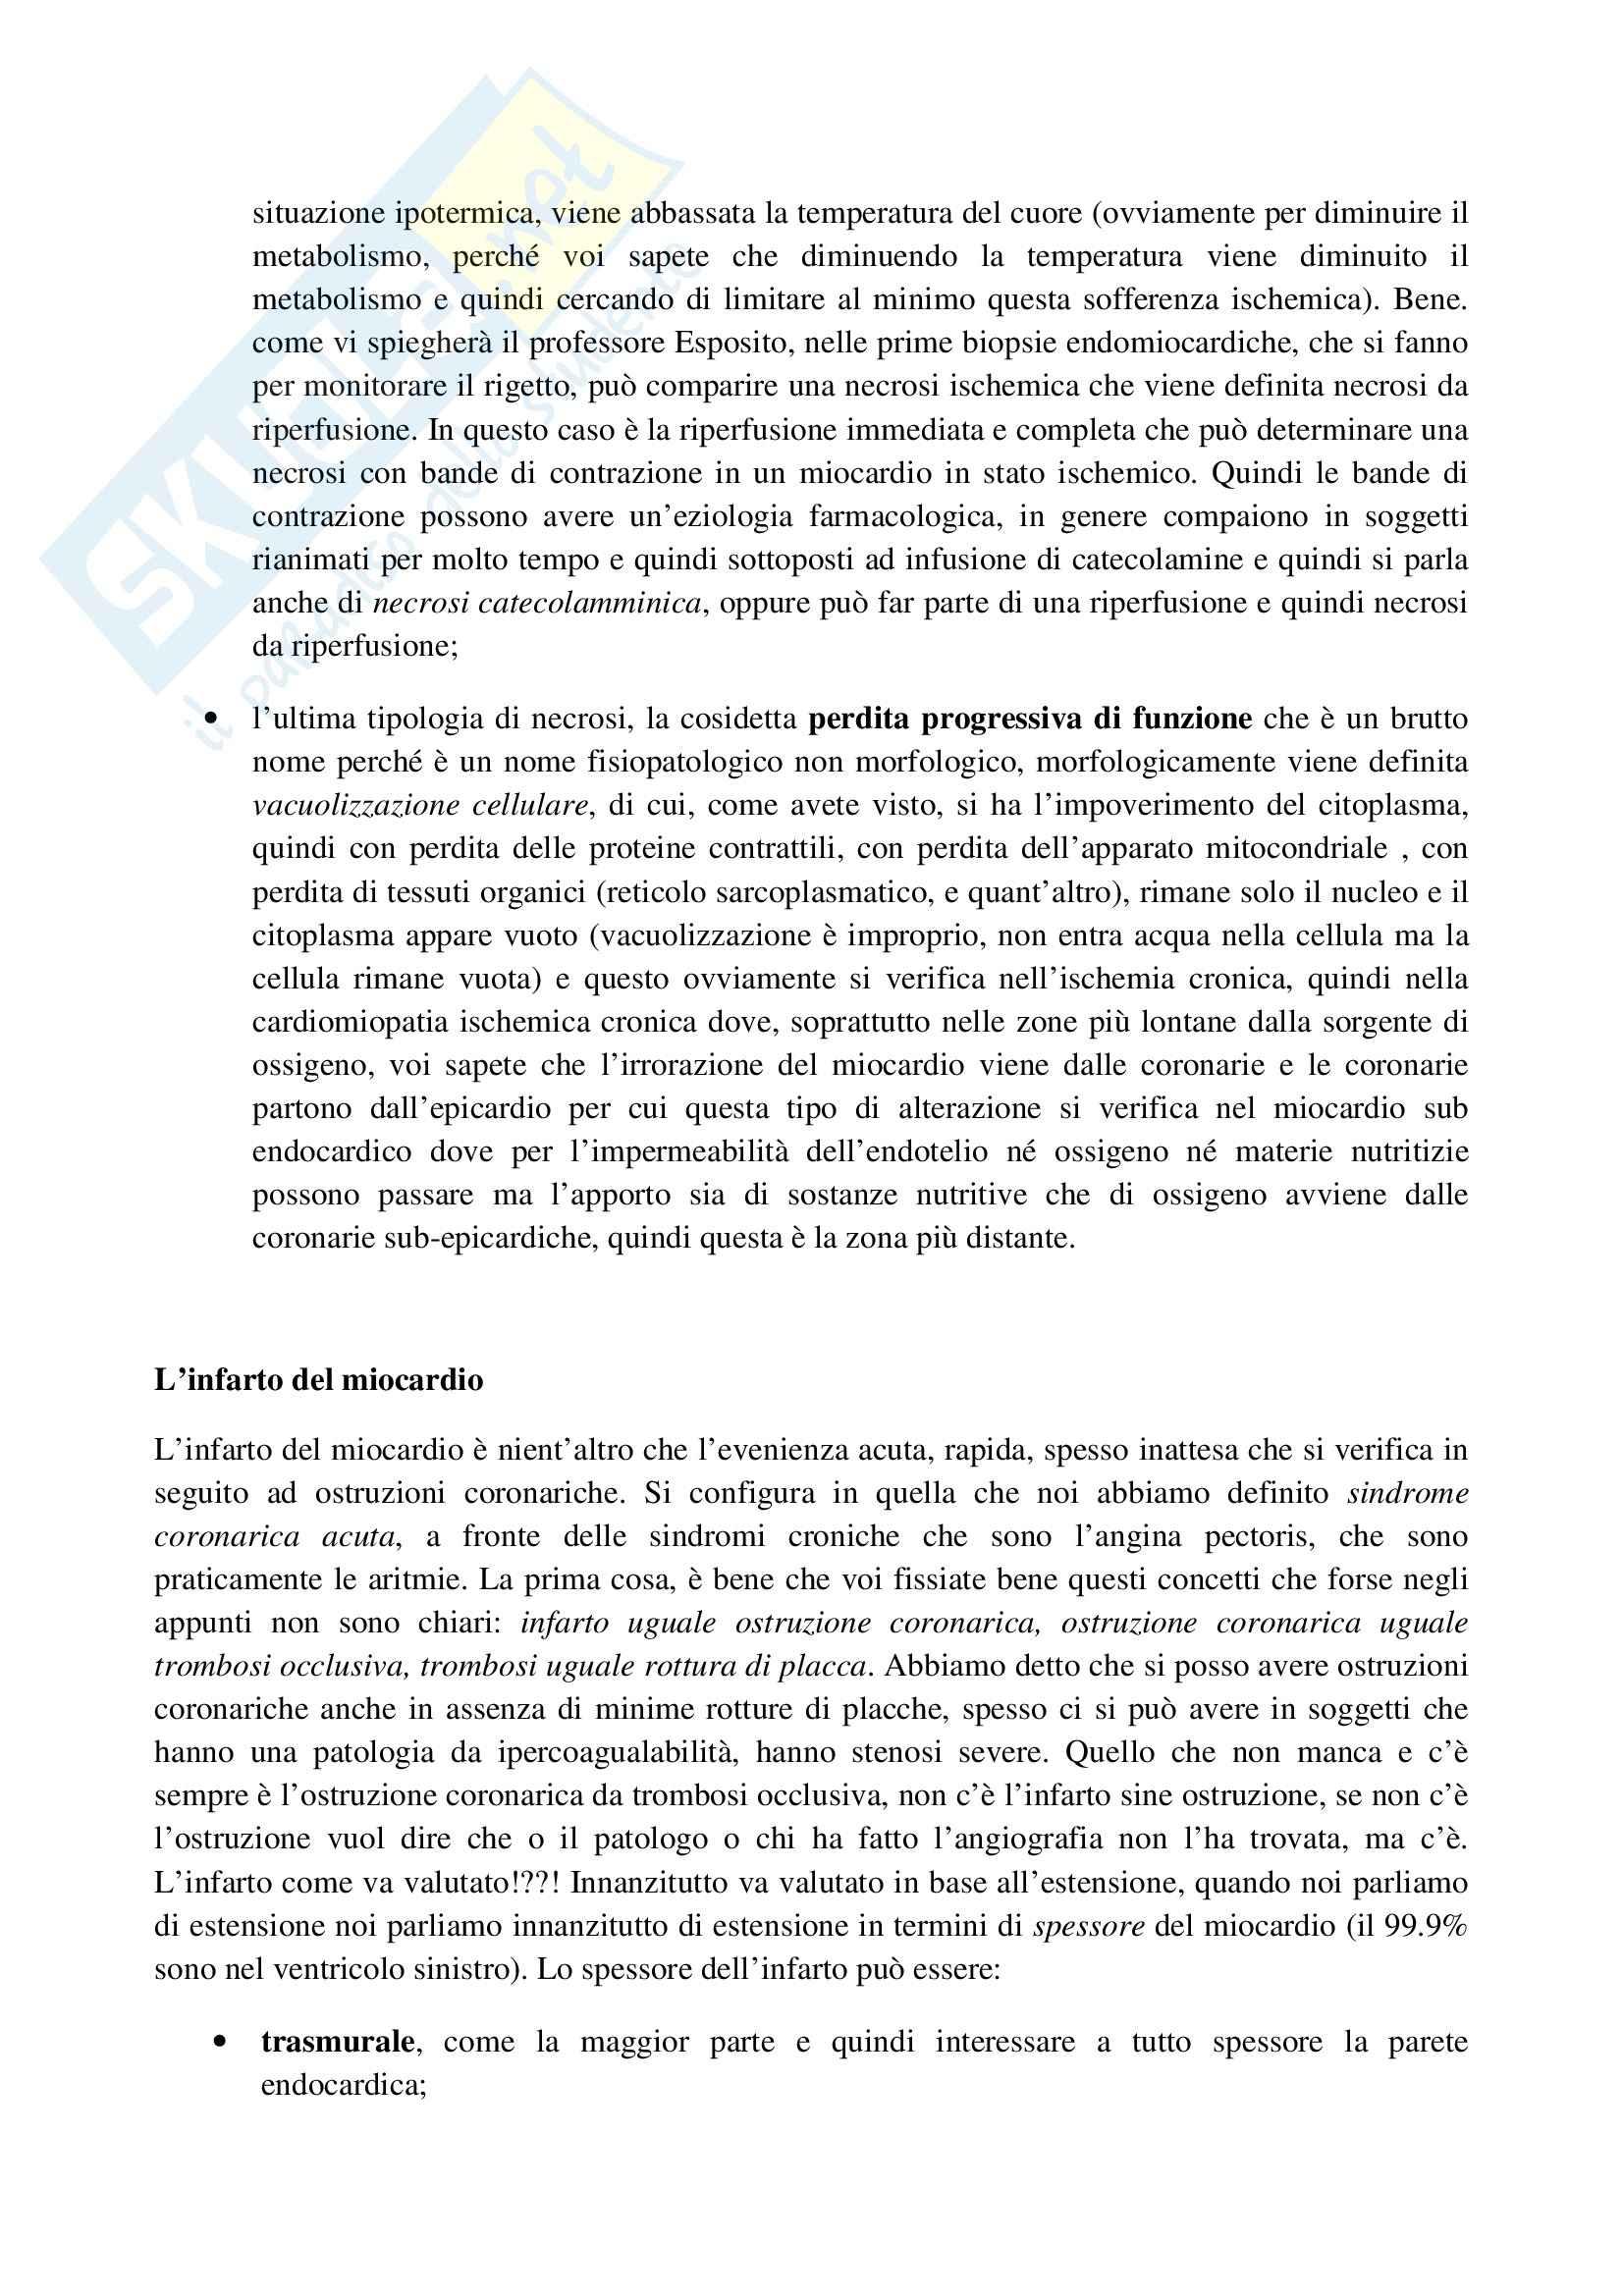 Anatomia patologica - necrosi miocardica Pag. 2